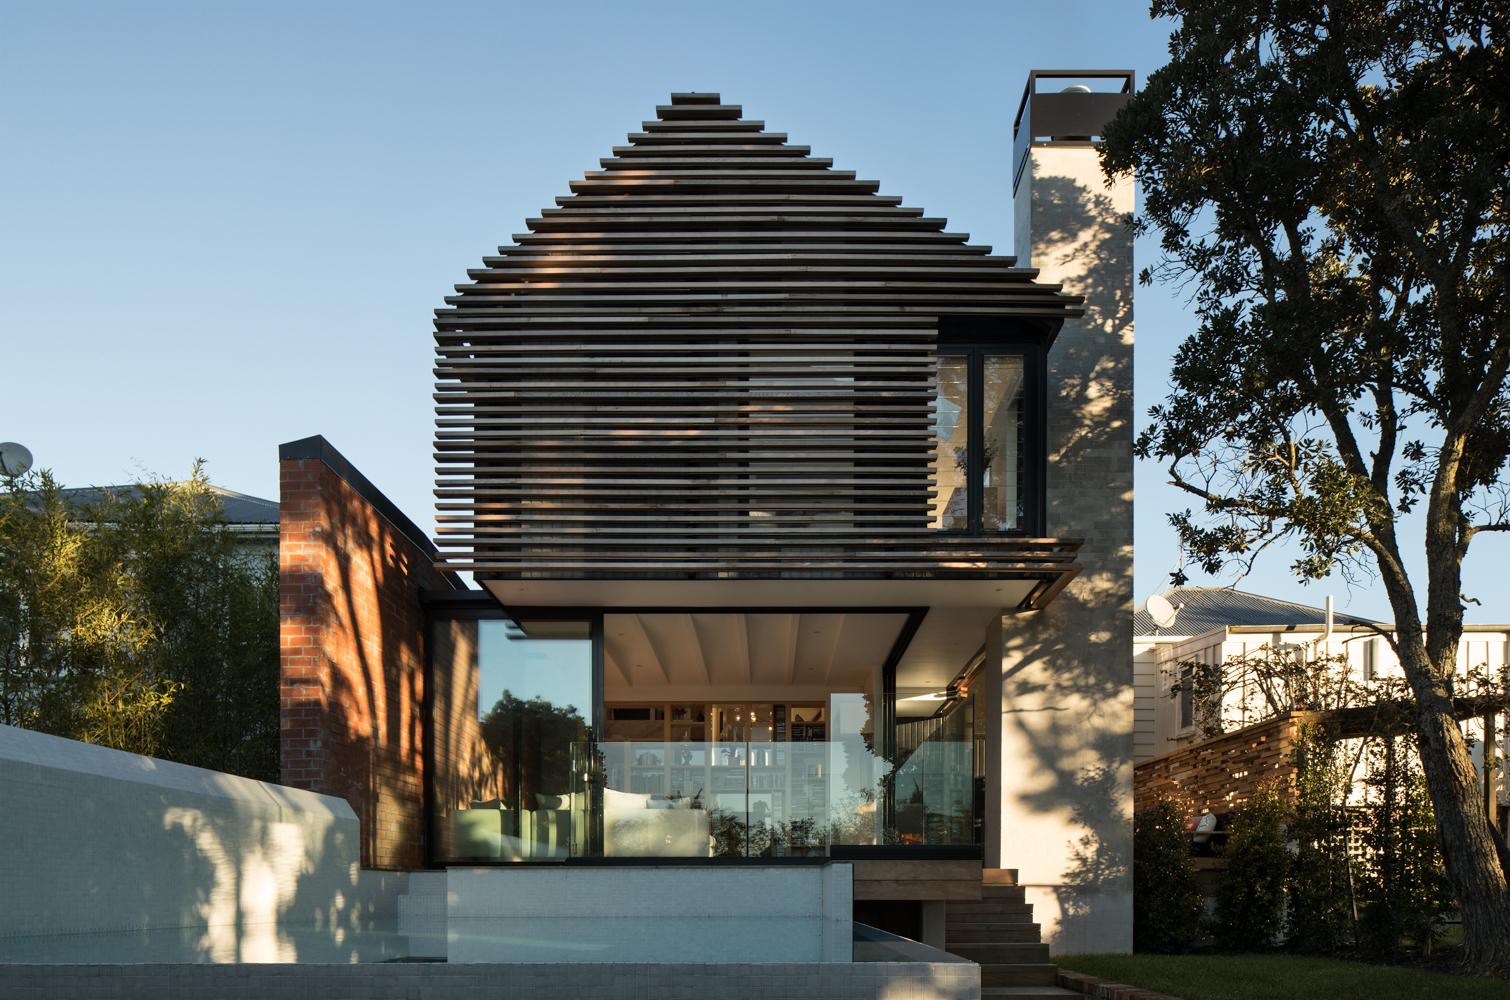 tree-villa-matter-the-design-emotive-08.jpg